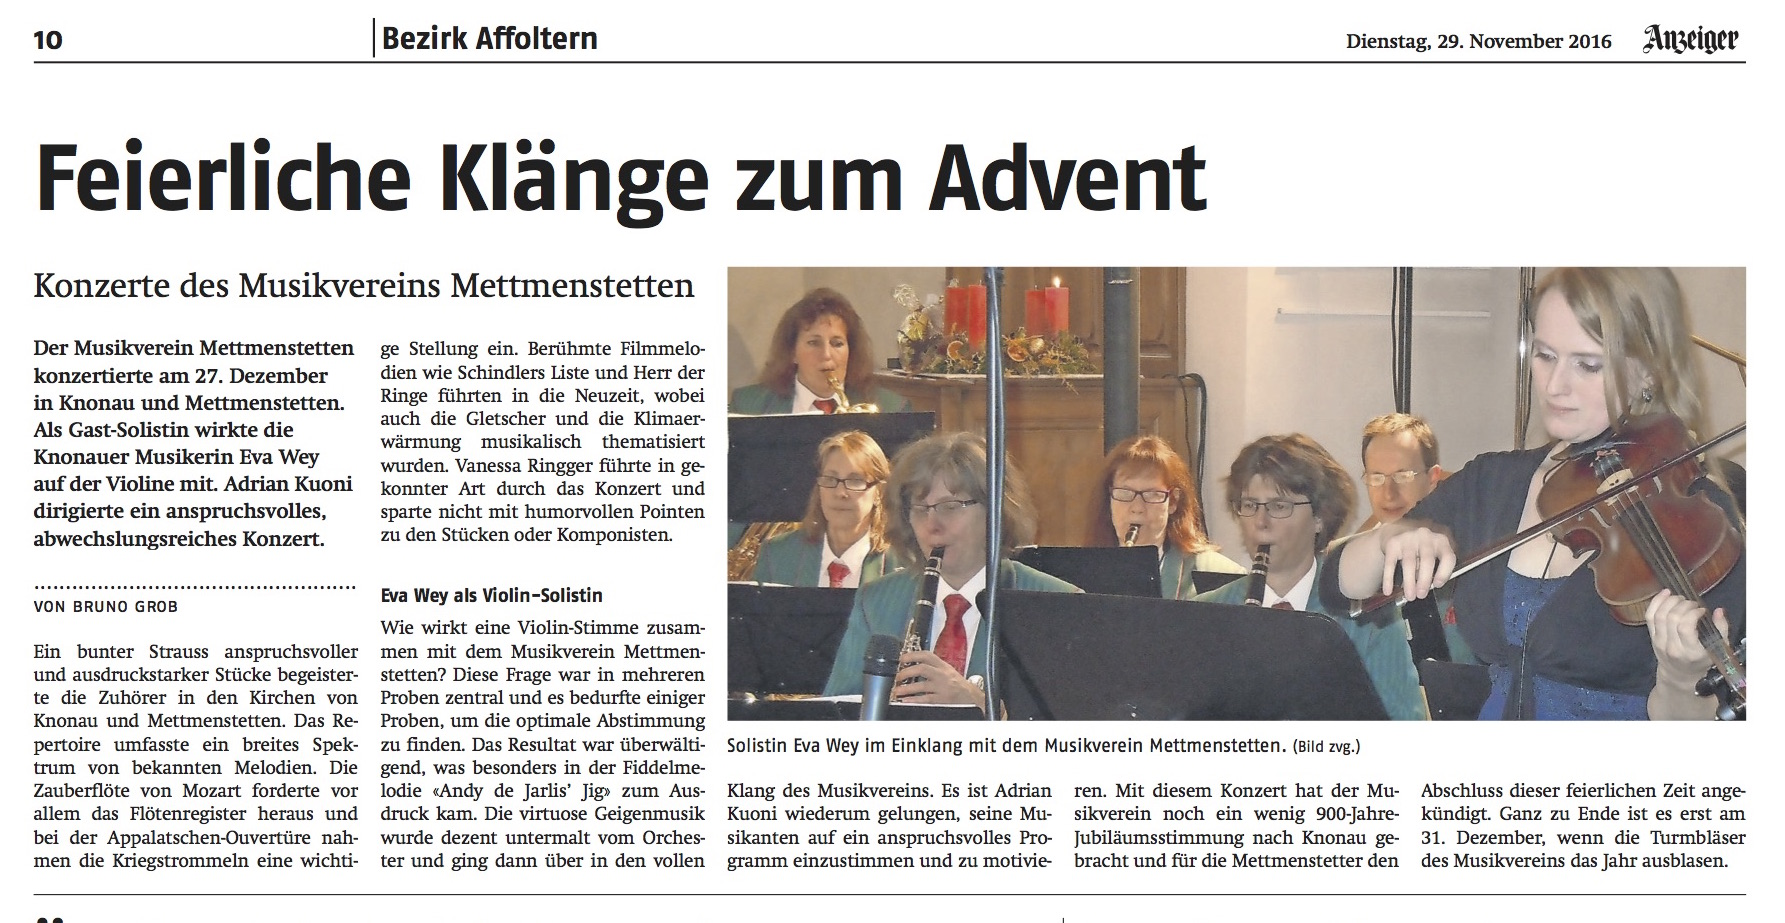 musikverein-mettmenstetten-29-11-2016